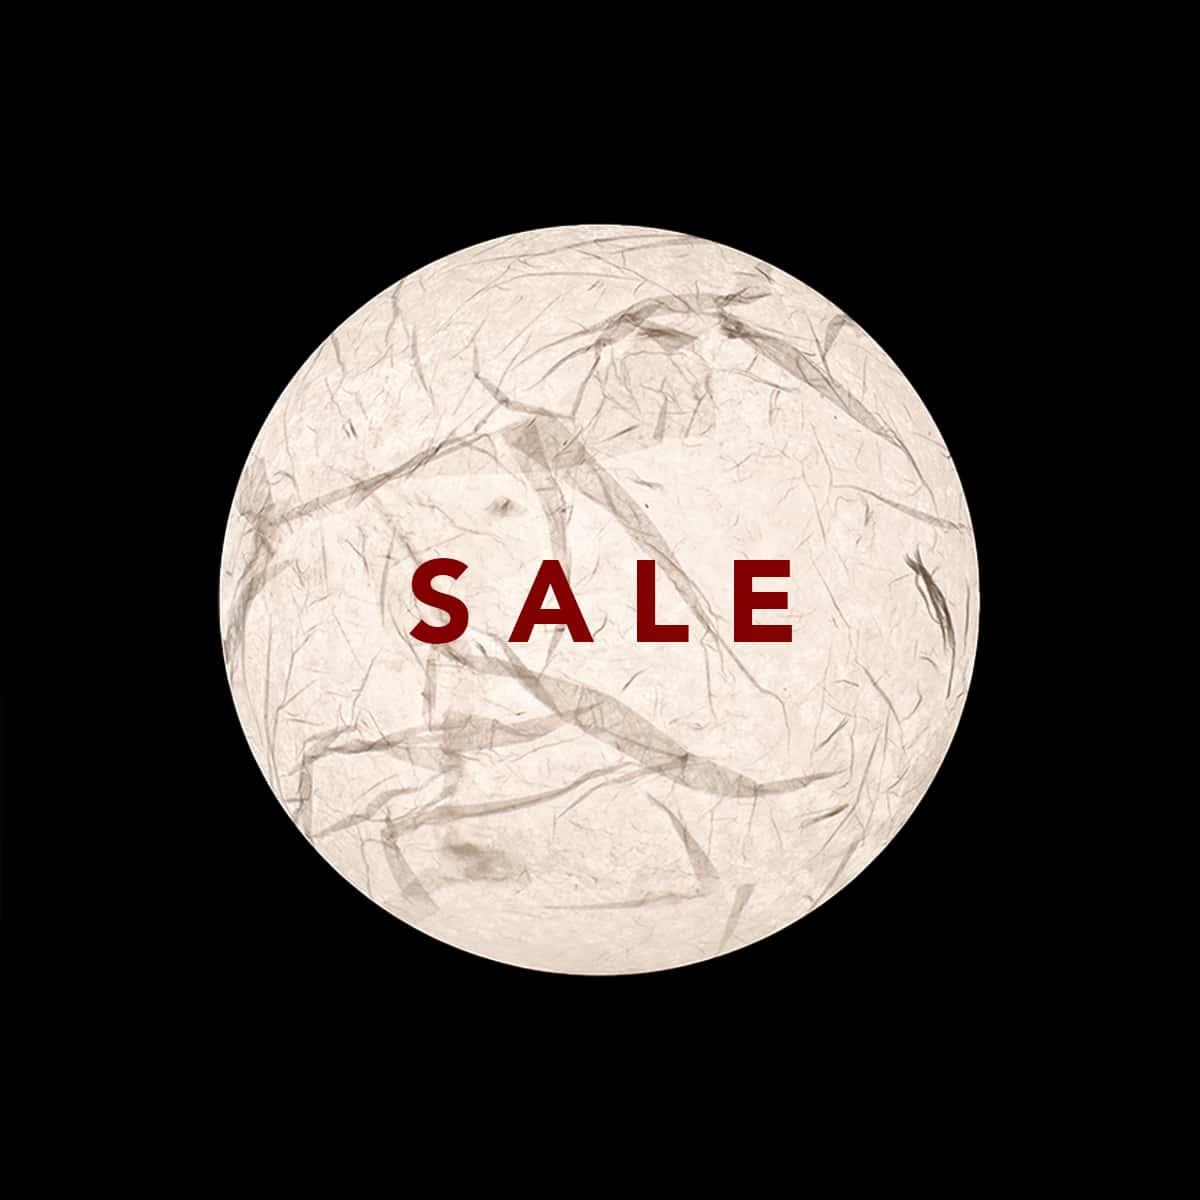 gw-moon-sale-00